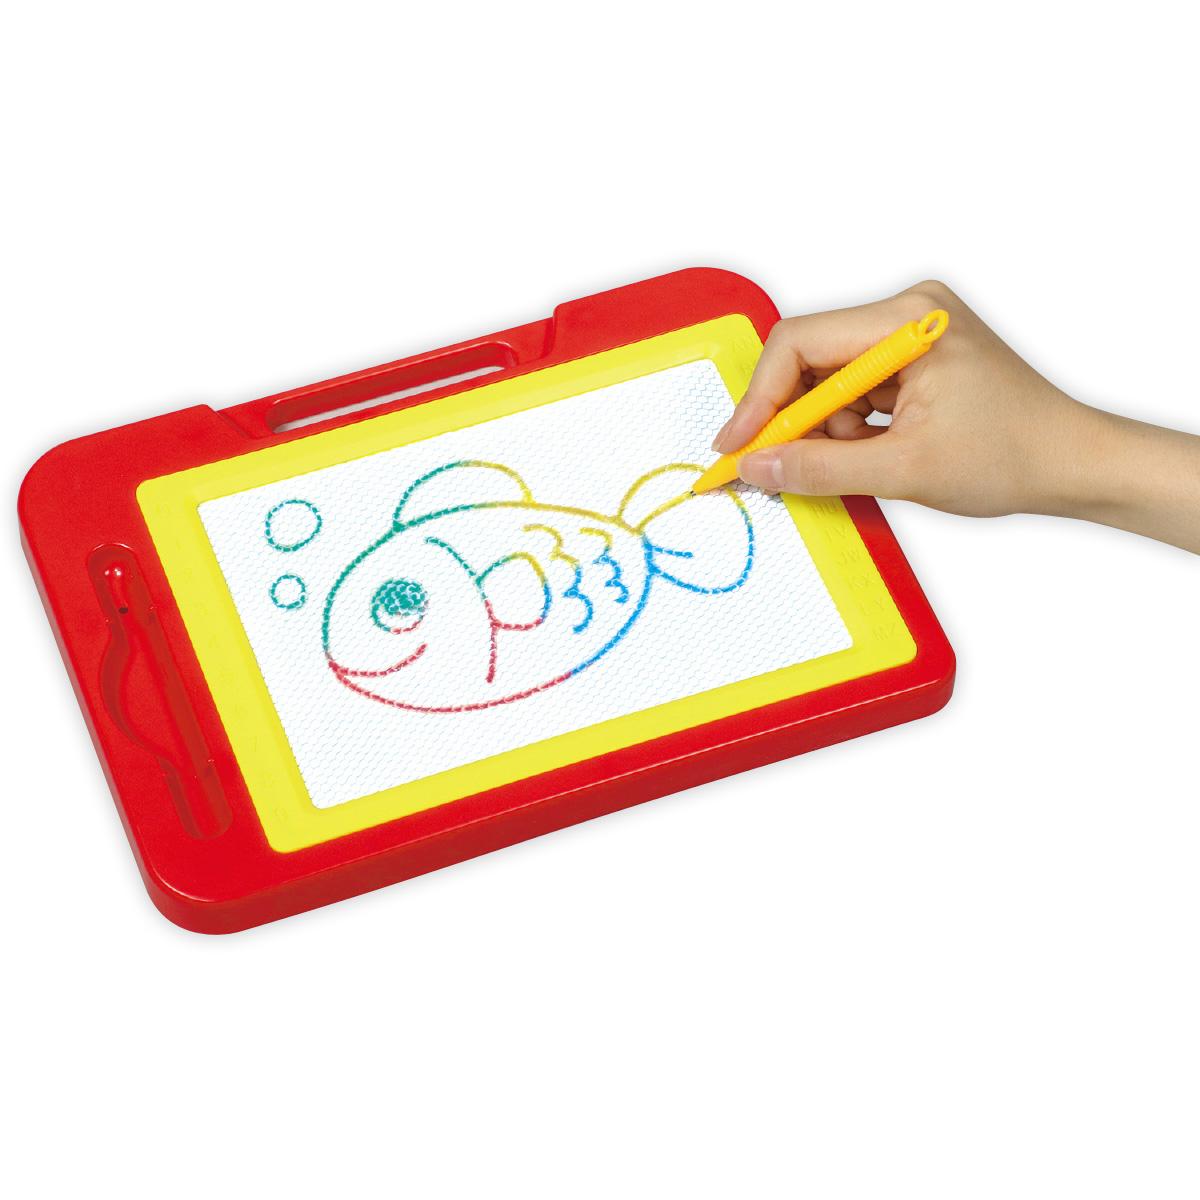 カラフル お絵かき ボード アーテック 玩具 幼児 キッズ 子供 おもちゃ 知育玩具 らくがき クリスマスプレゼント